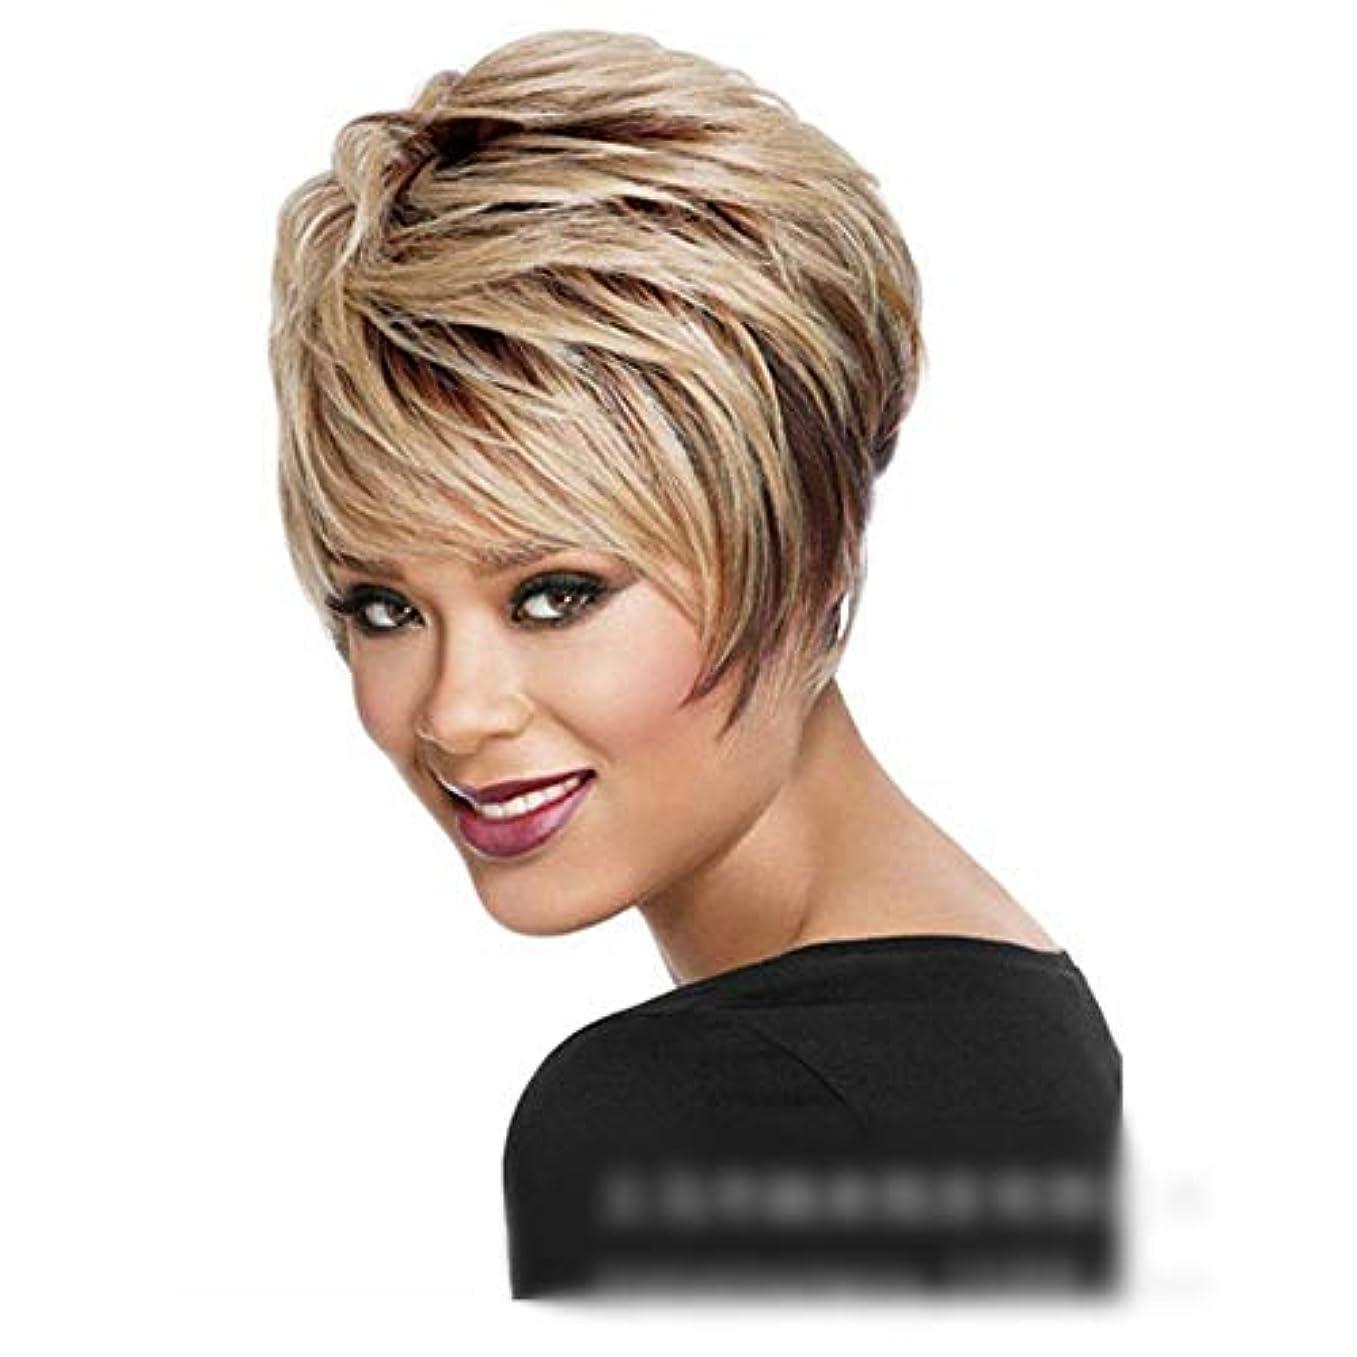 厚い扱う参加するYOUQIU 女性のかつらのためにブロンドのかつらふわふわショートカーリーヘアナチュラル人工毛 (色 : Blonde)